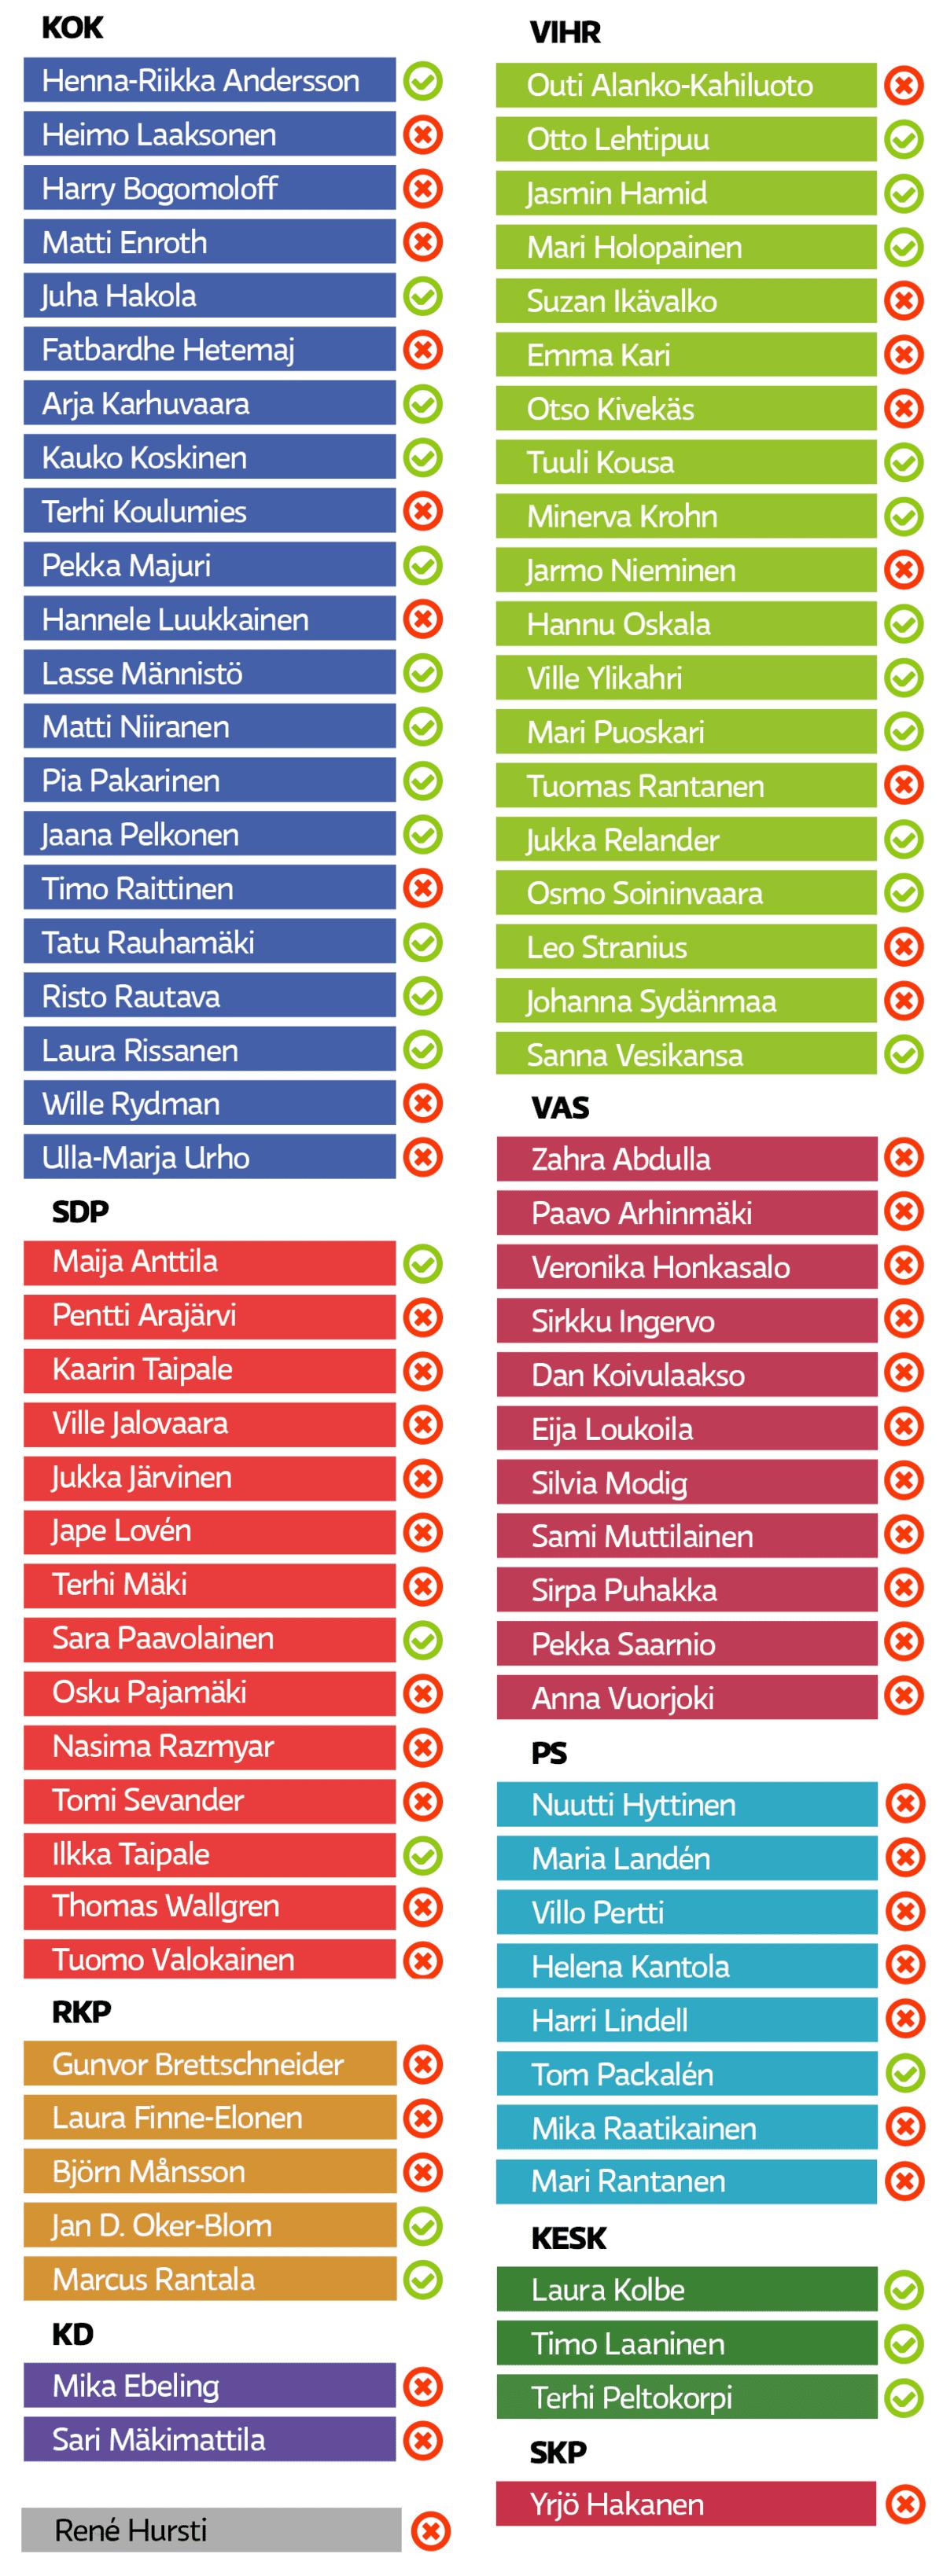 Kaupunginvaltuuston äänestystulos -taulukko.